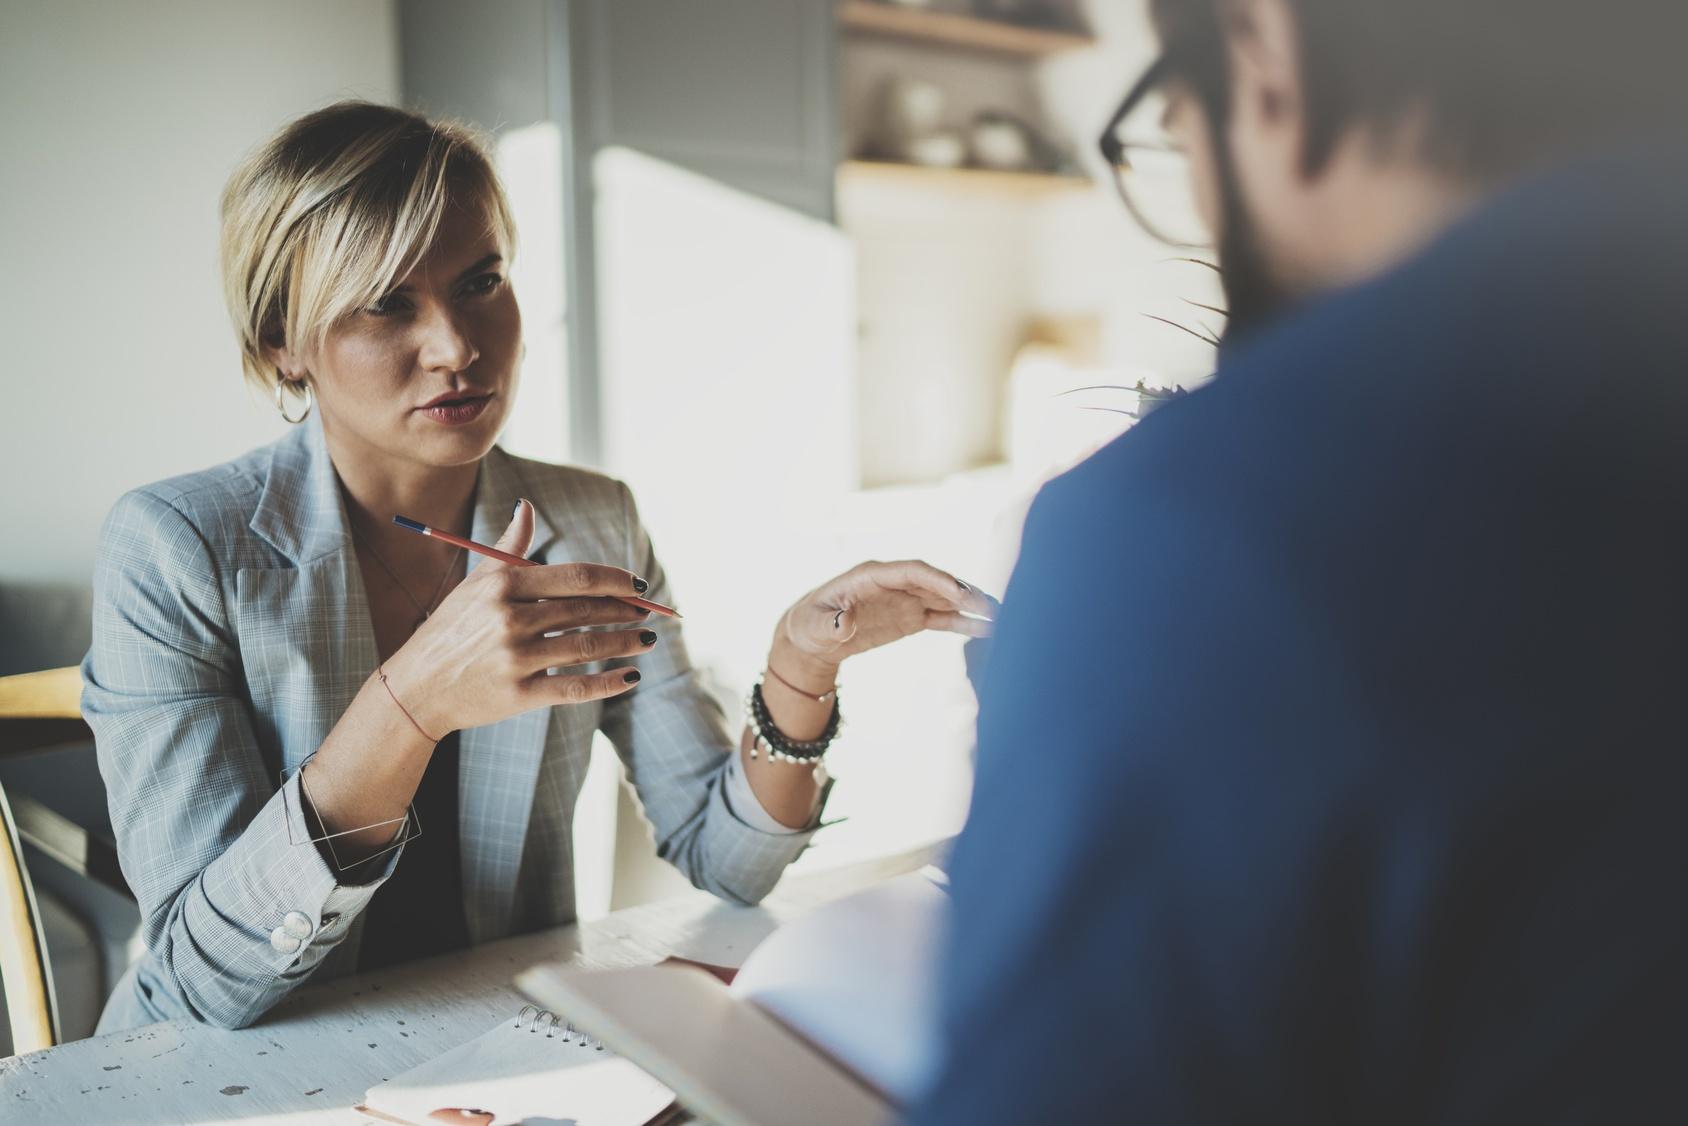 Woman using an assessment to supplement an interview